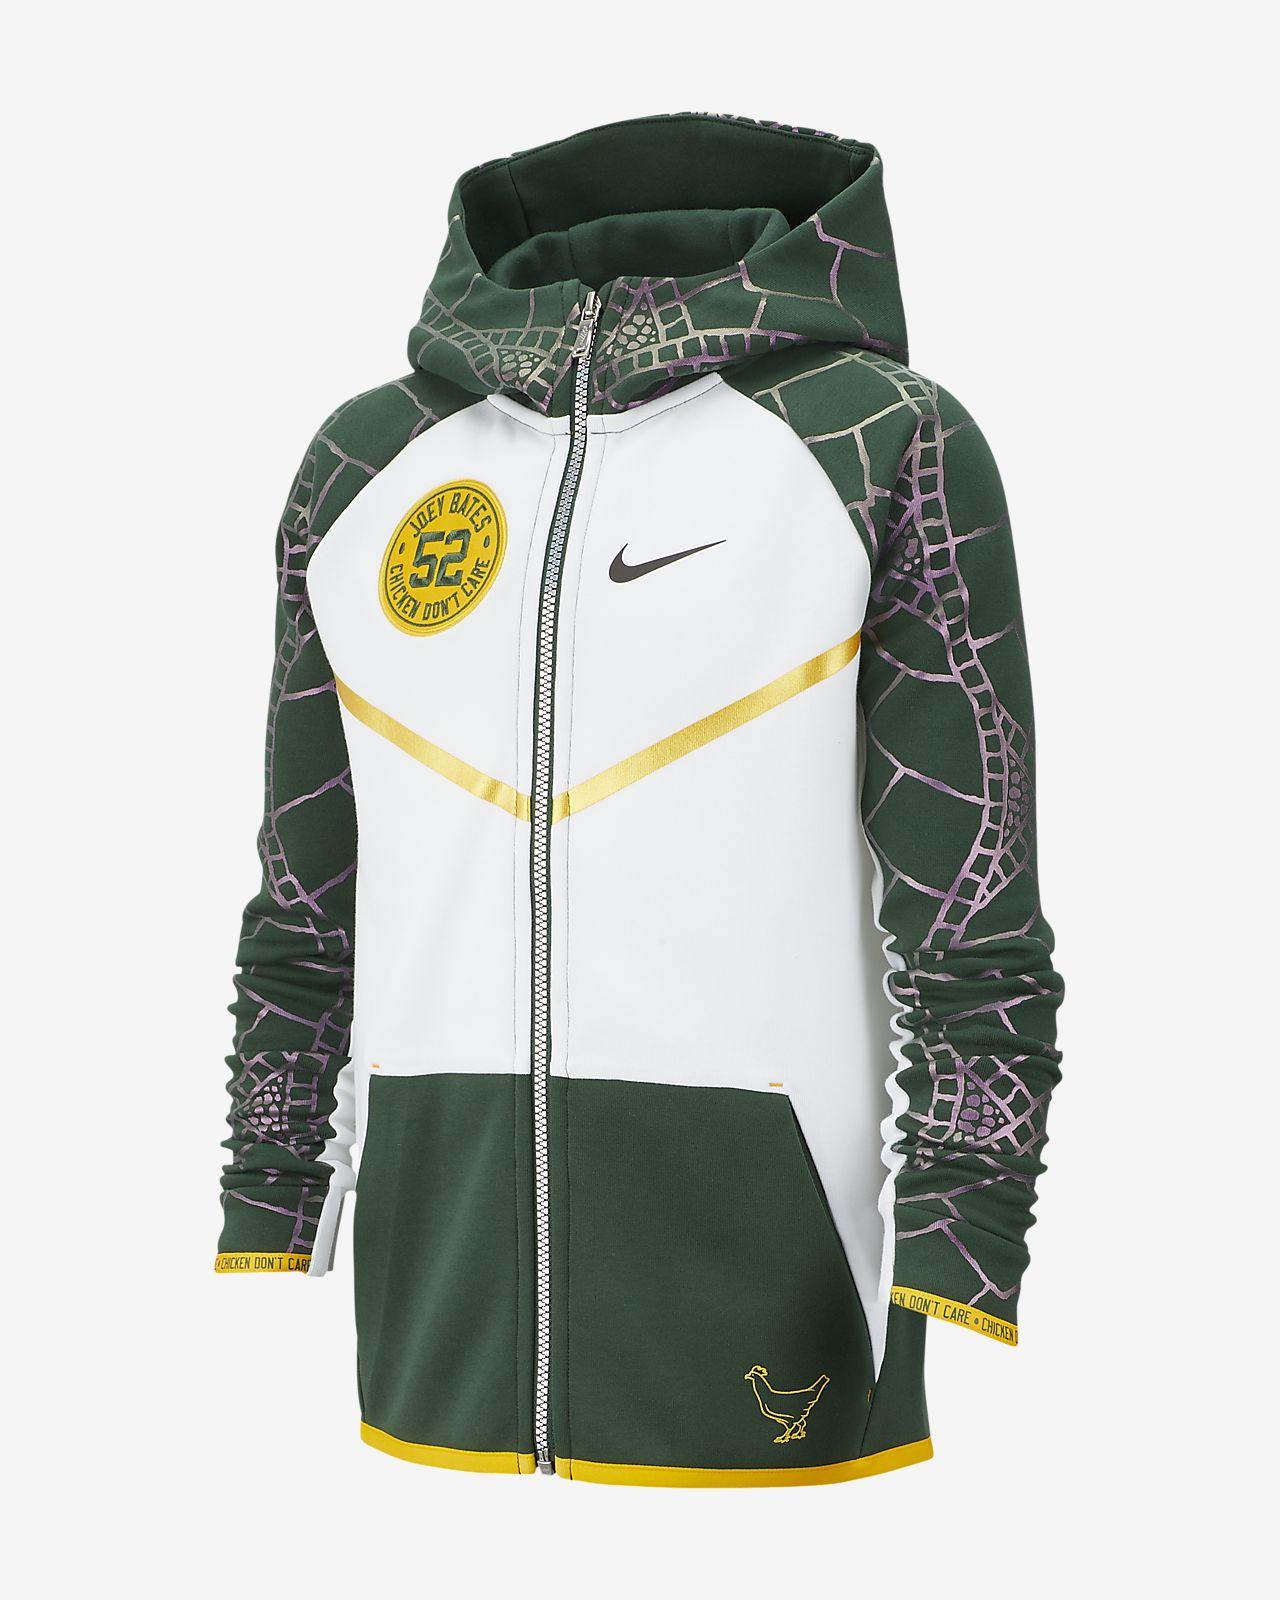 8d61ae4c56f9 Joey s Nike Sportswear Tech Fleece Windrunner (Doernbecher Freestyle ...